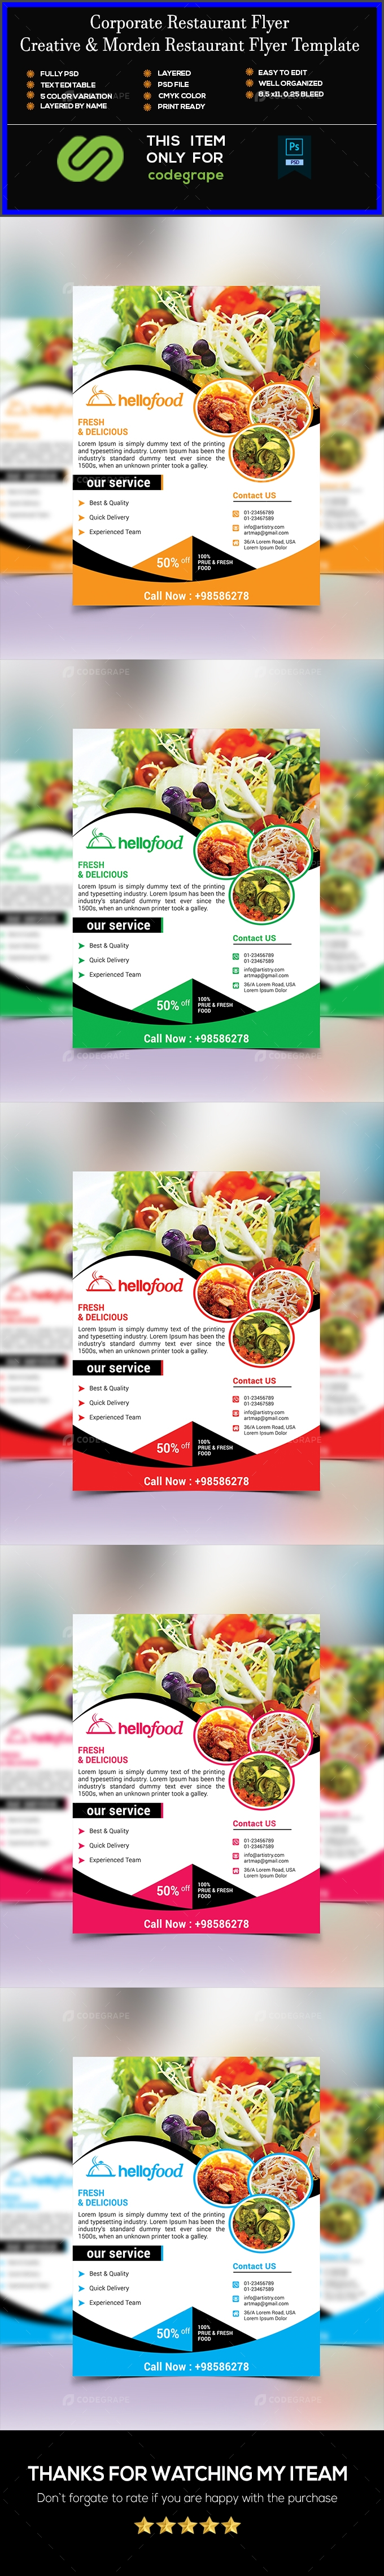 Corporate Restaurant Flyer